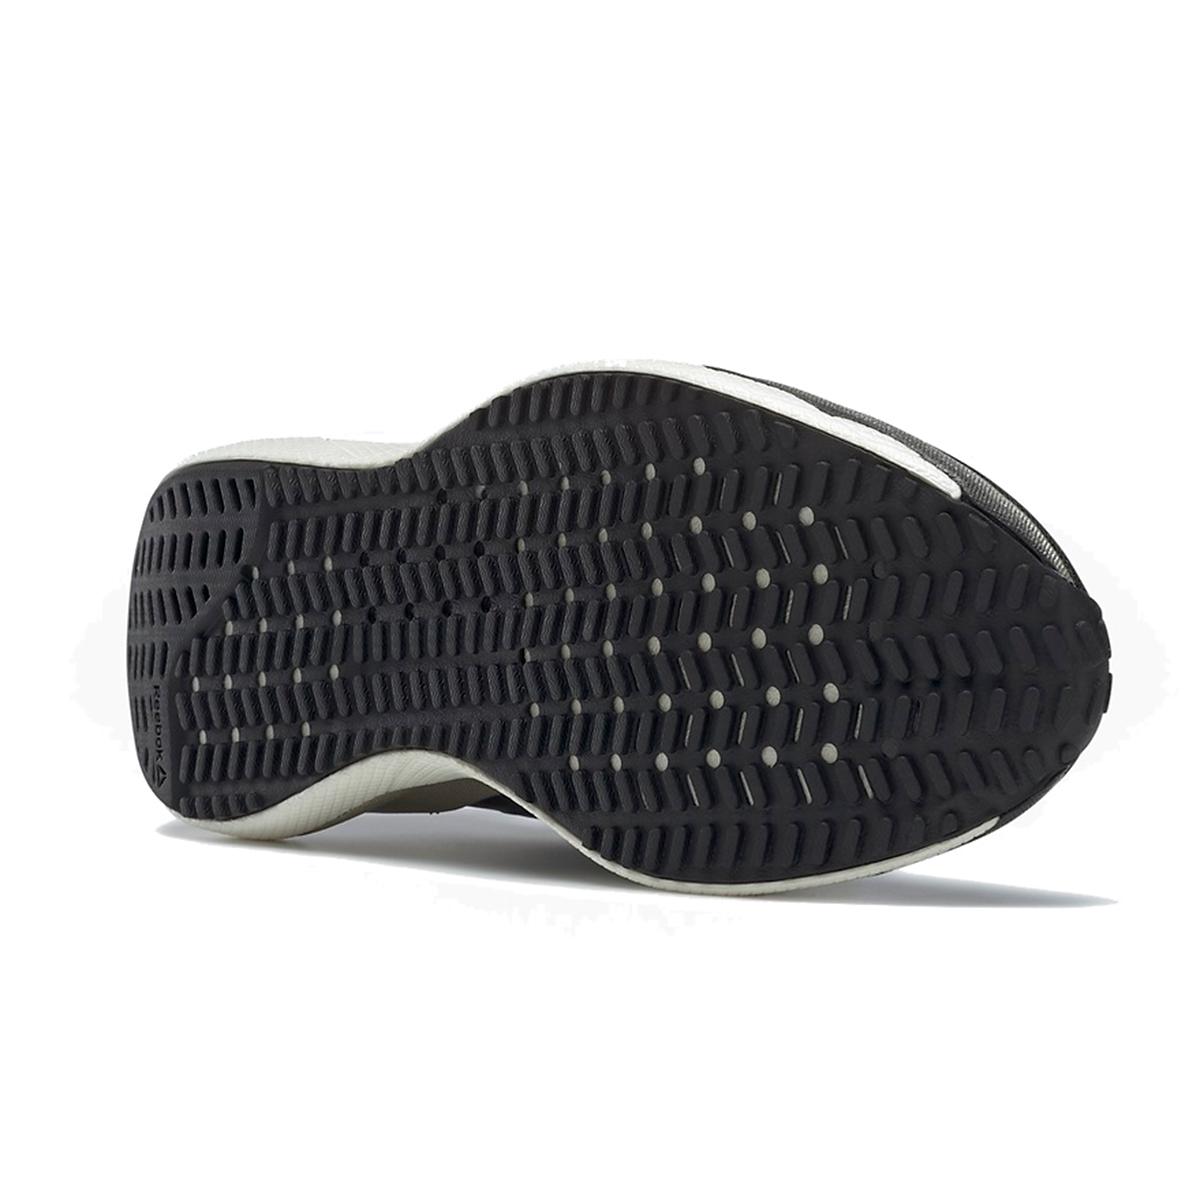 Women's Reebok Floatride Run Fast 2.0 Running Shoe - Color: Black/Moondust/White - Size: 5 - Width: Regular, Black/Moondust/White, large, image 4